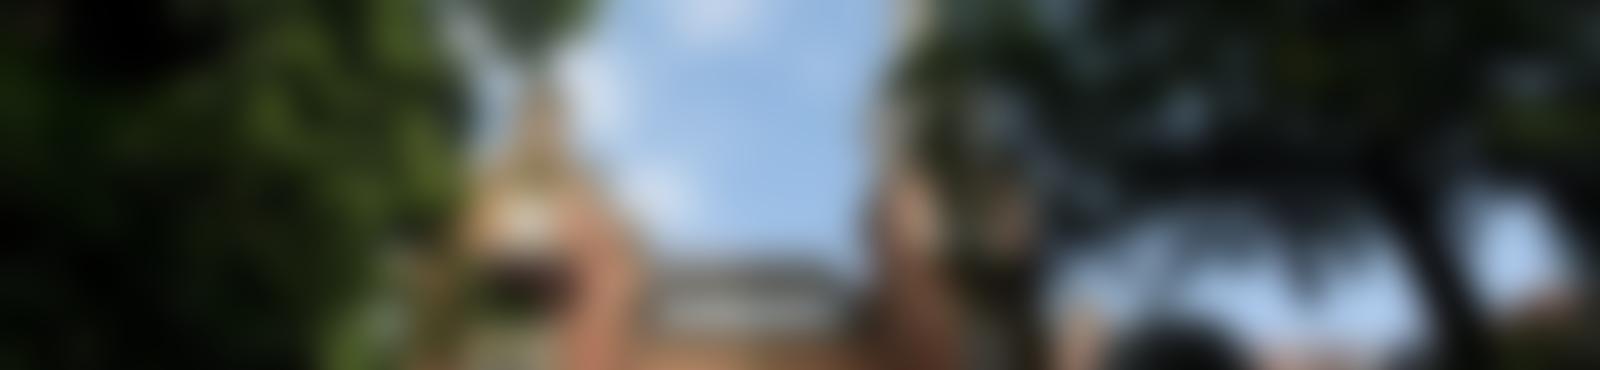 Blurred 7647fac5 014c 4f68 ab06 6253b49779a0